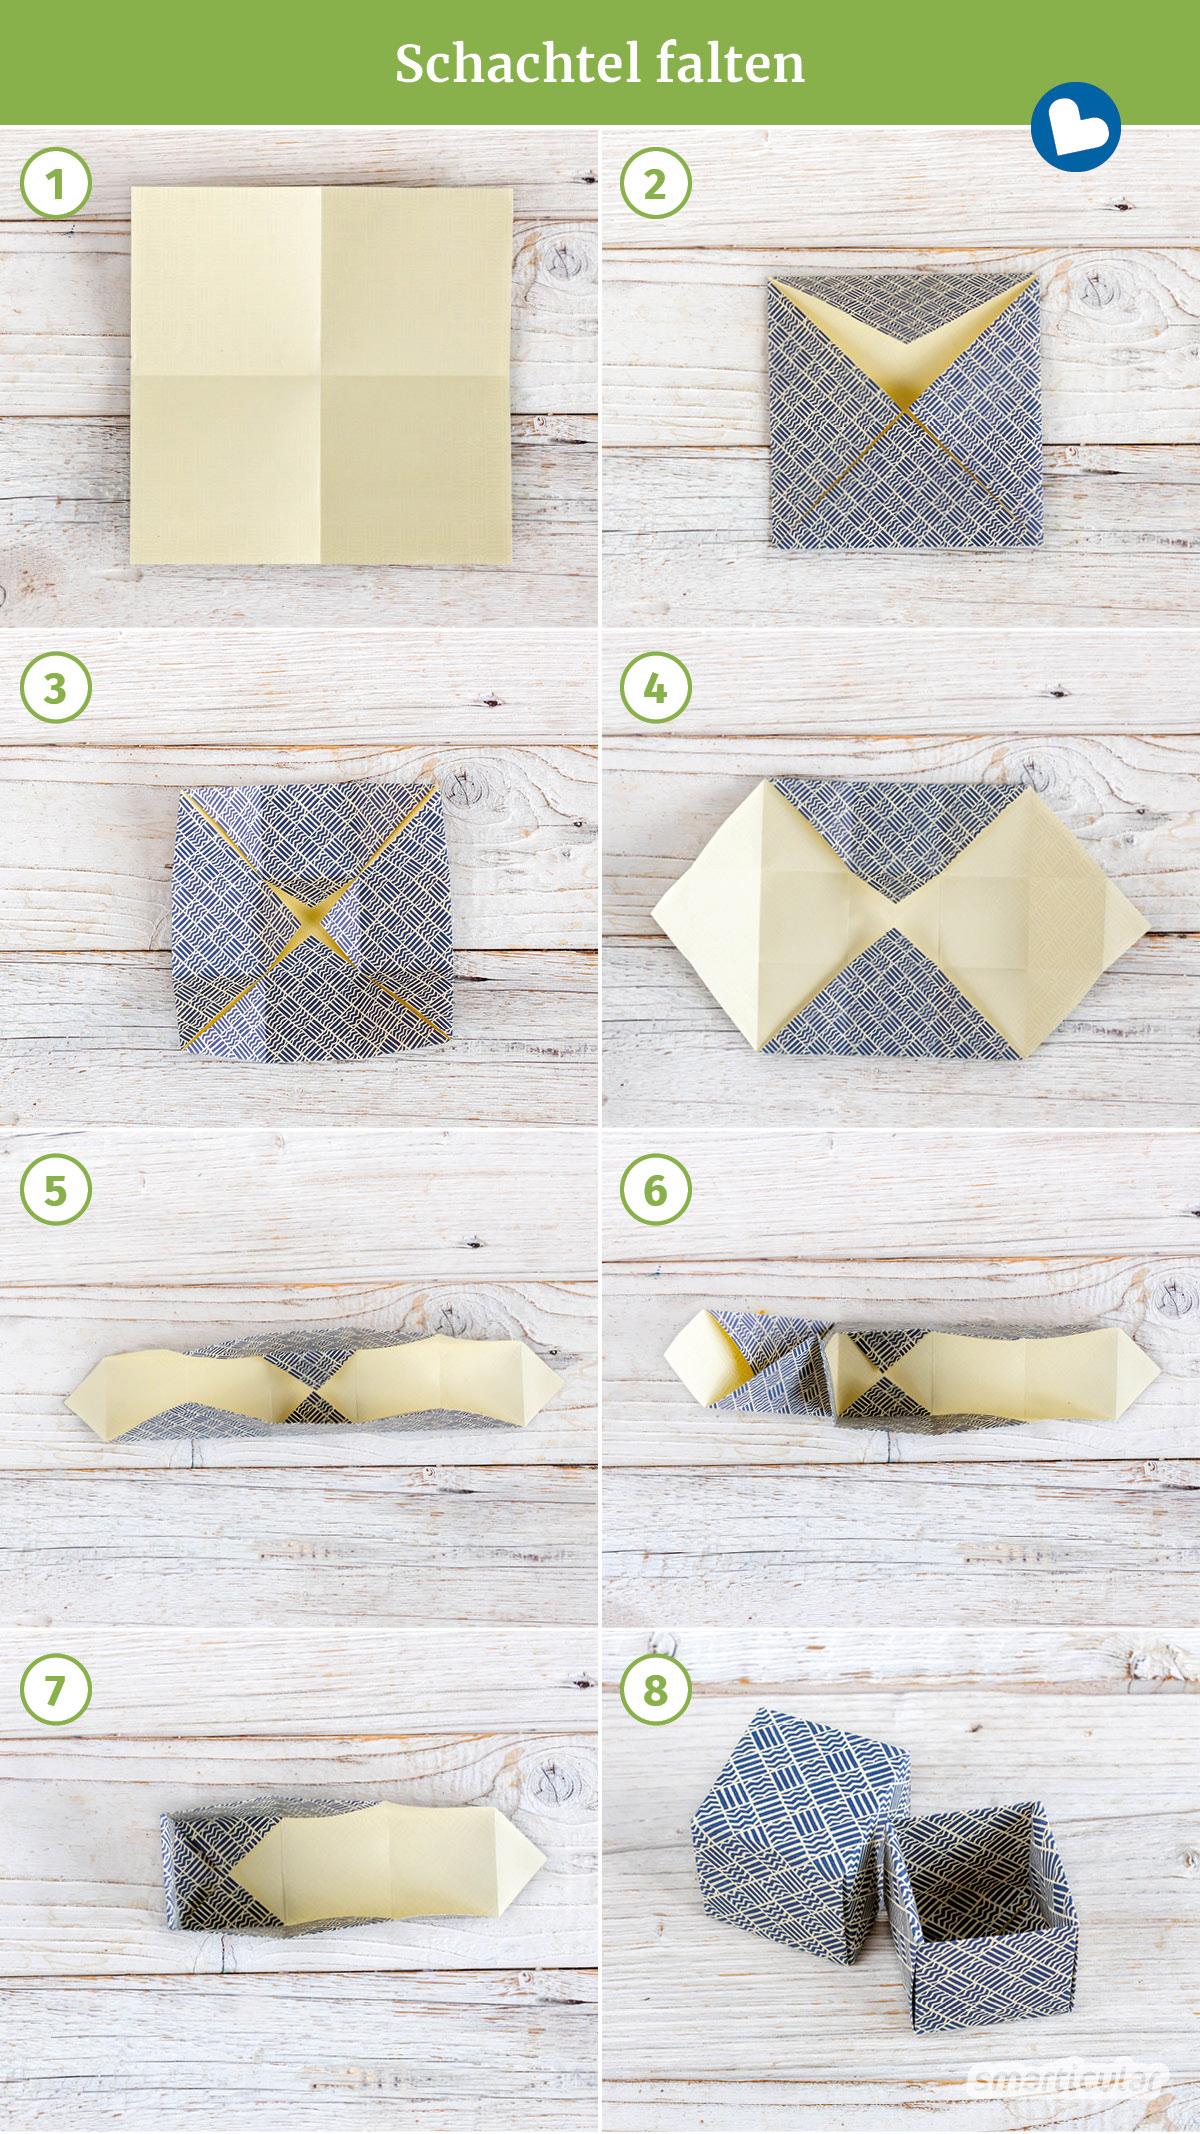 Um Plastik und Müll zu vermeiden, kannst du für Geschenke und zur Aufbewahrung Schachteln falten aus (Alt-)Papier, die sich immer wieder verwenden lassen.